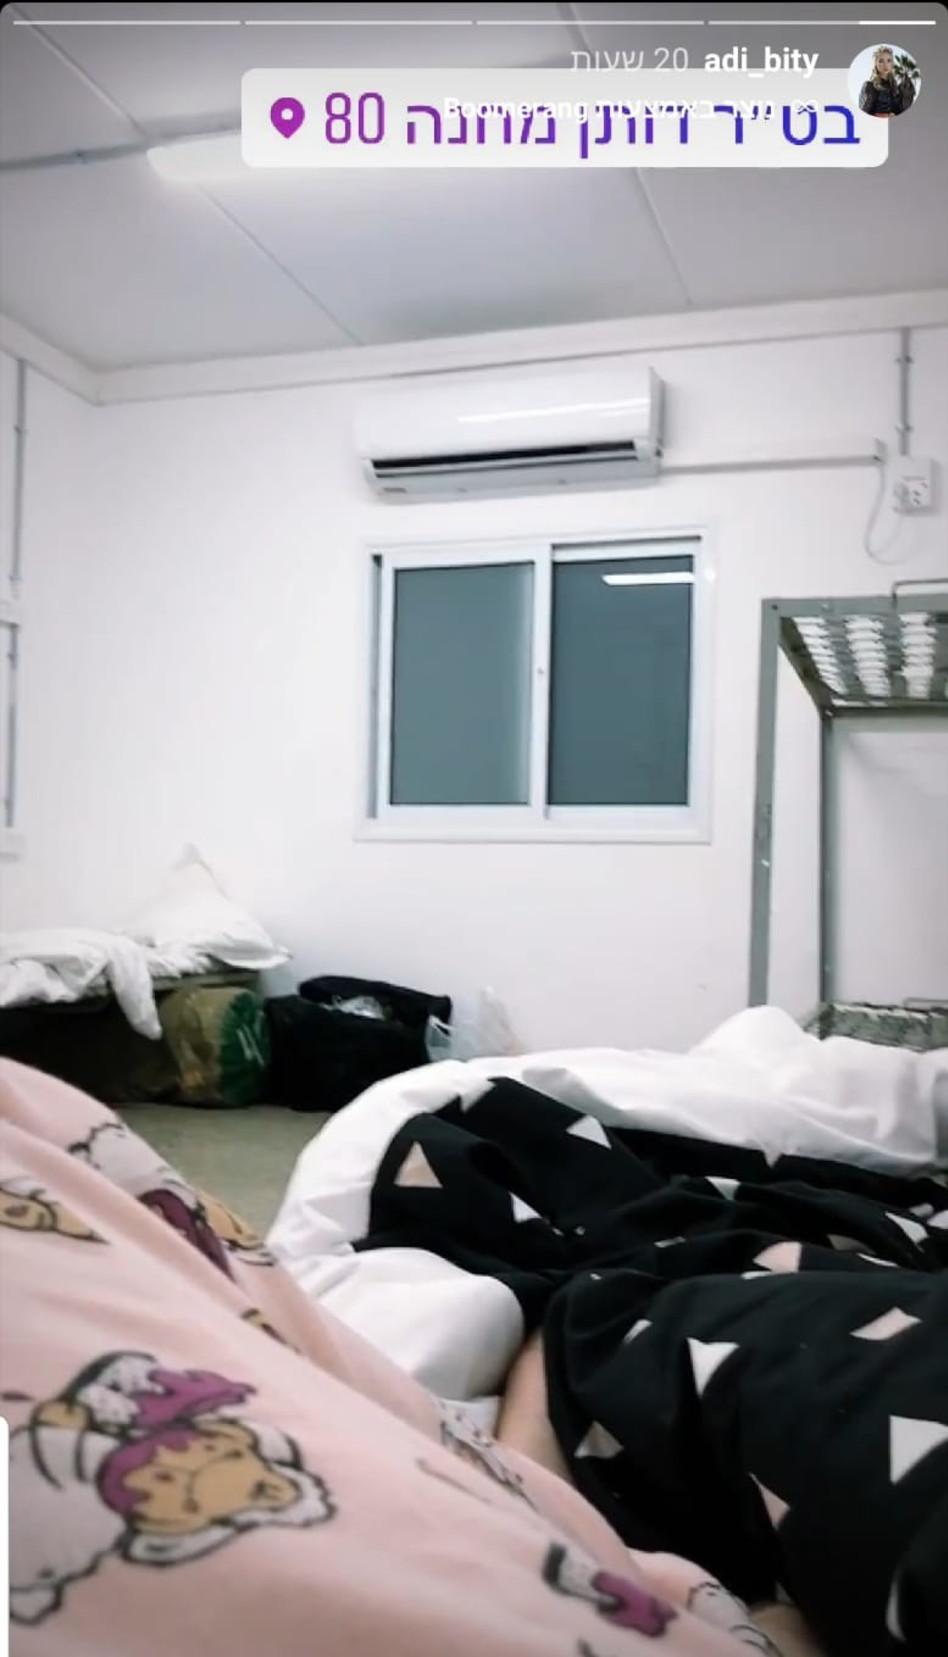 החדר של הכוכבות (צילום: אינסטגרם)